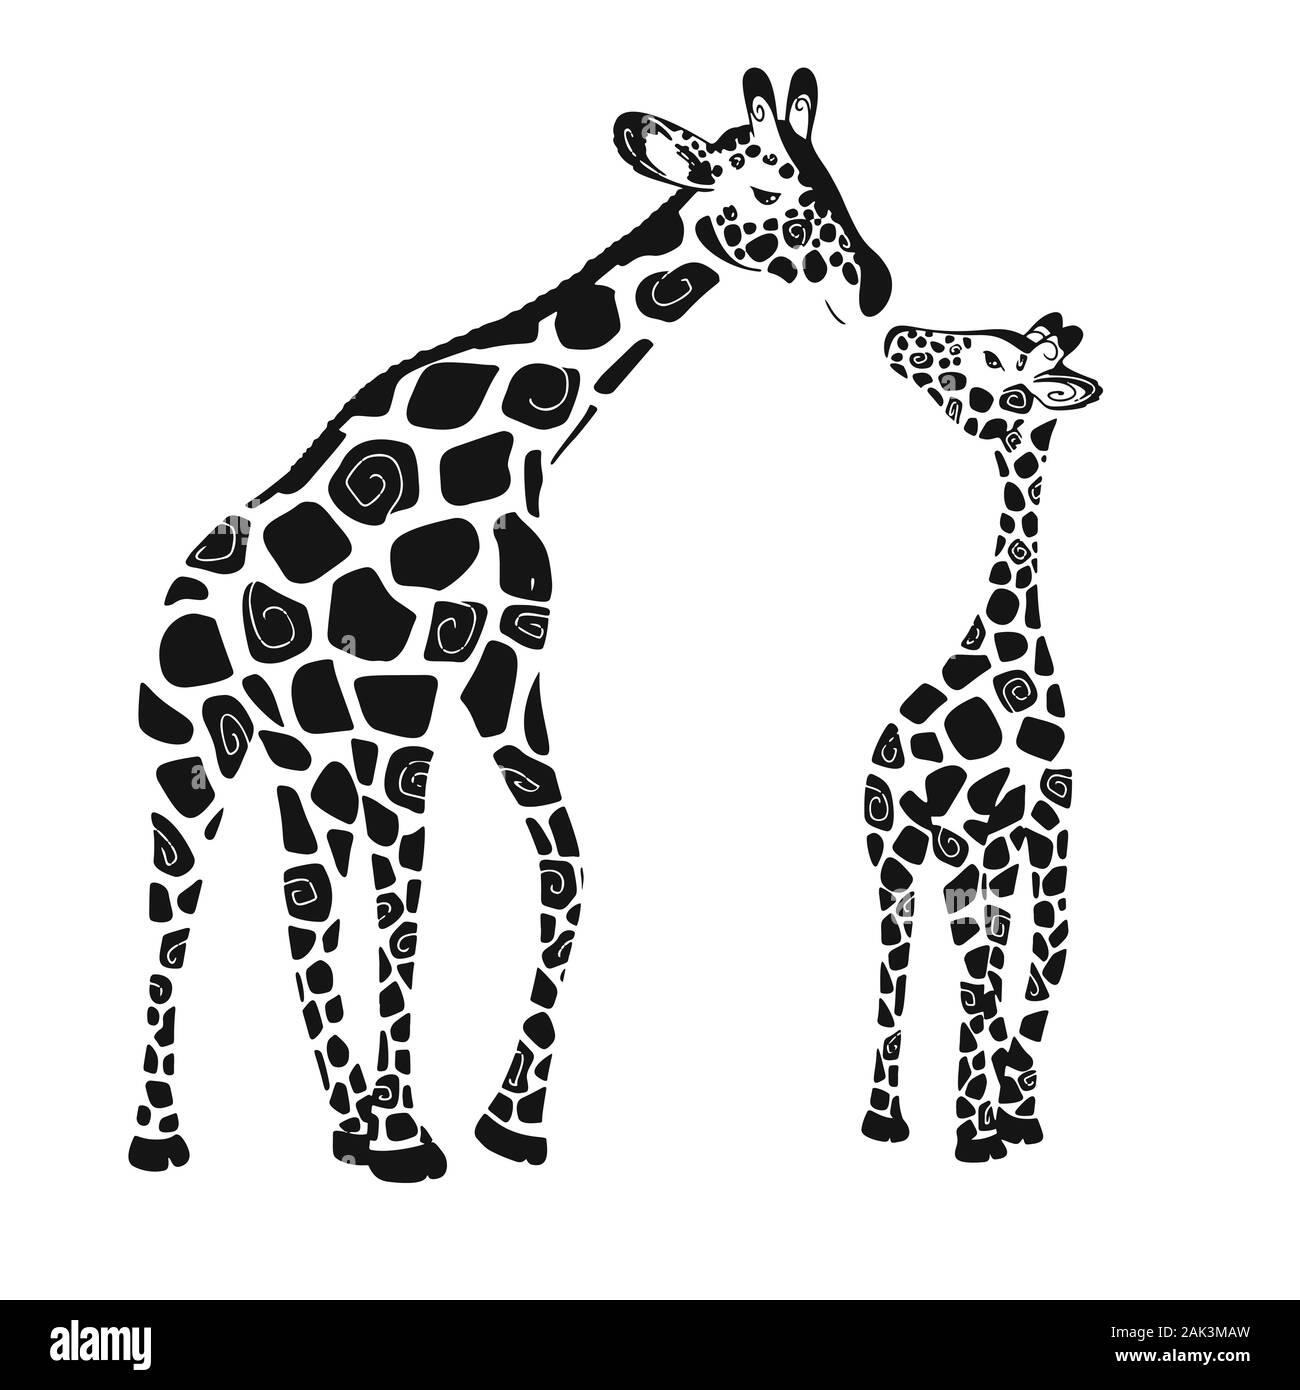 Mignon deux girafes isolé sur un fond blanc. Bébé girafe girafe et des adultes. Vector illustration Illustration de Vecteur